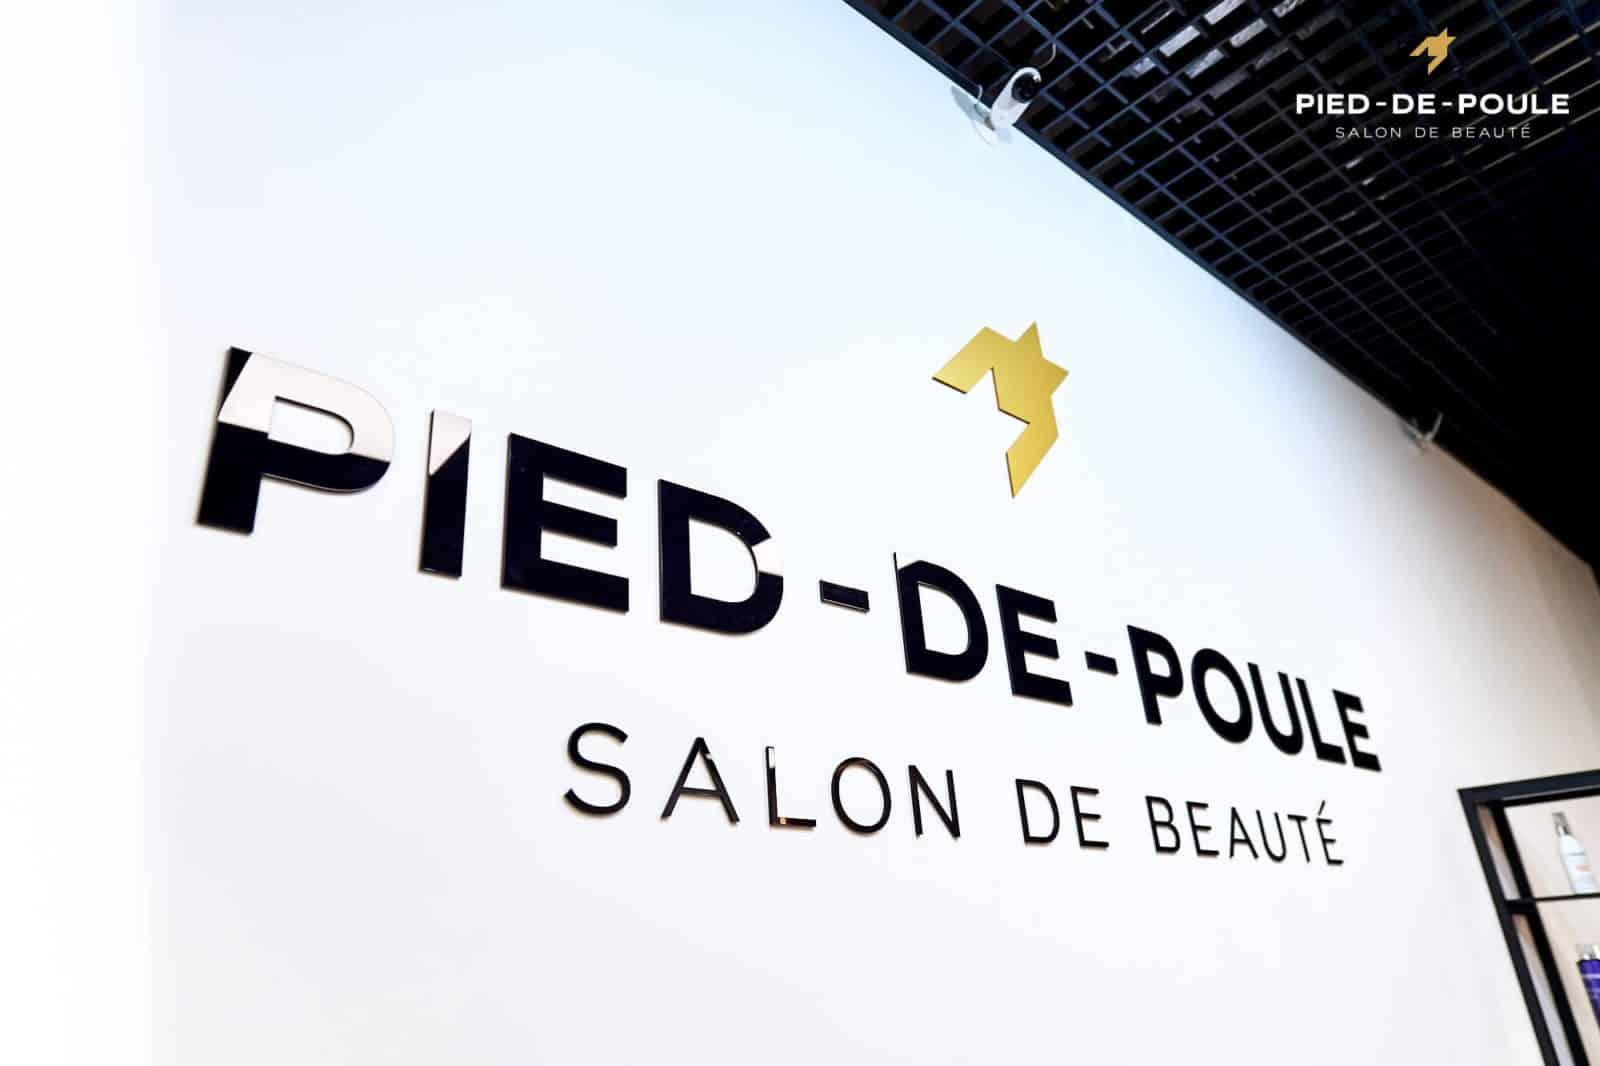 5 причин выбрать салон красоты PIED-DE-POULE